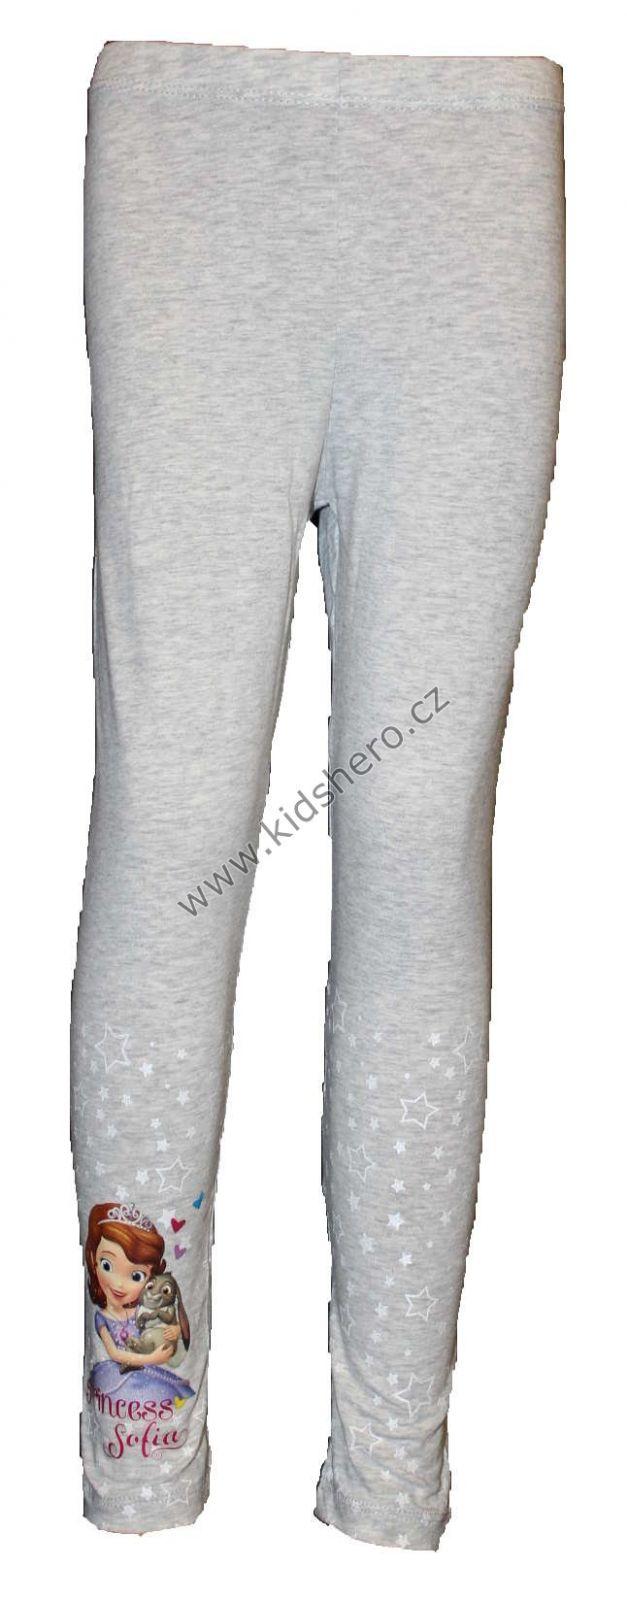 Bavlněné legíny - hvězdičky - SOFIA - šedé Disney